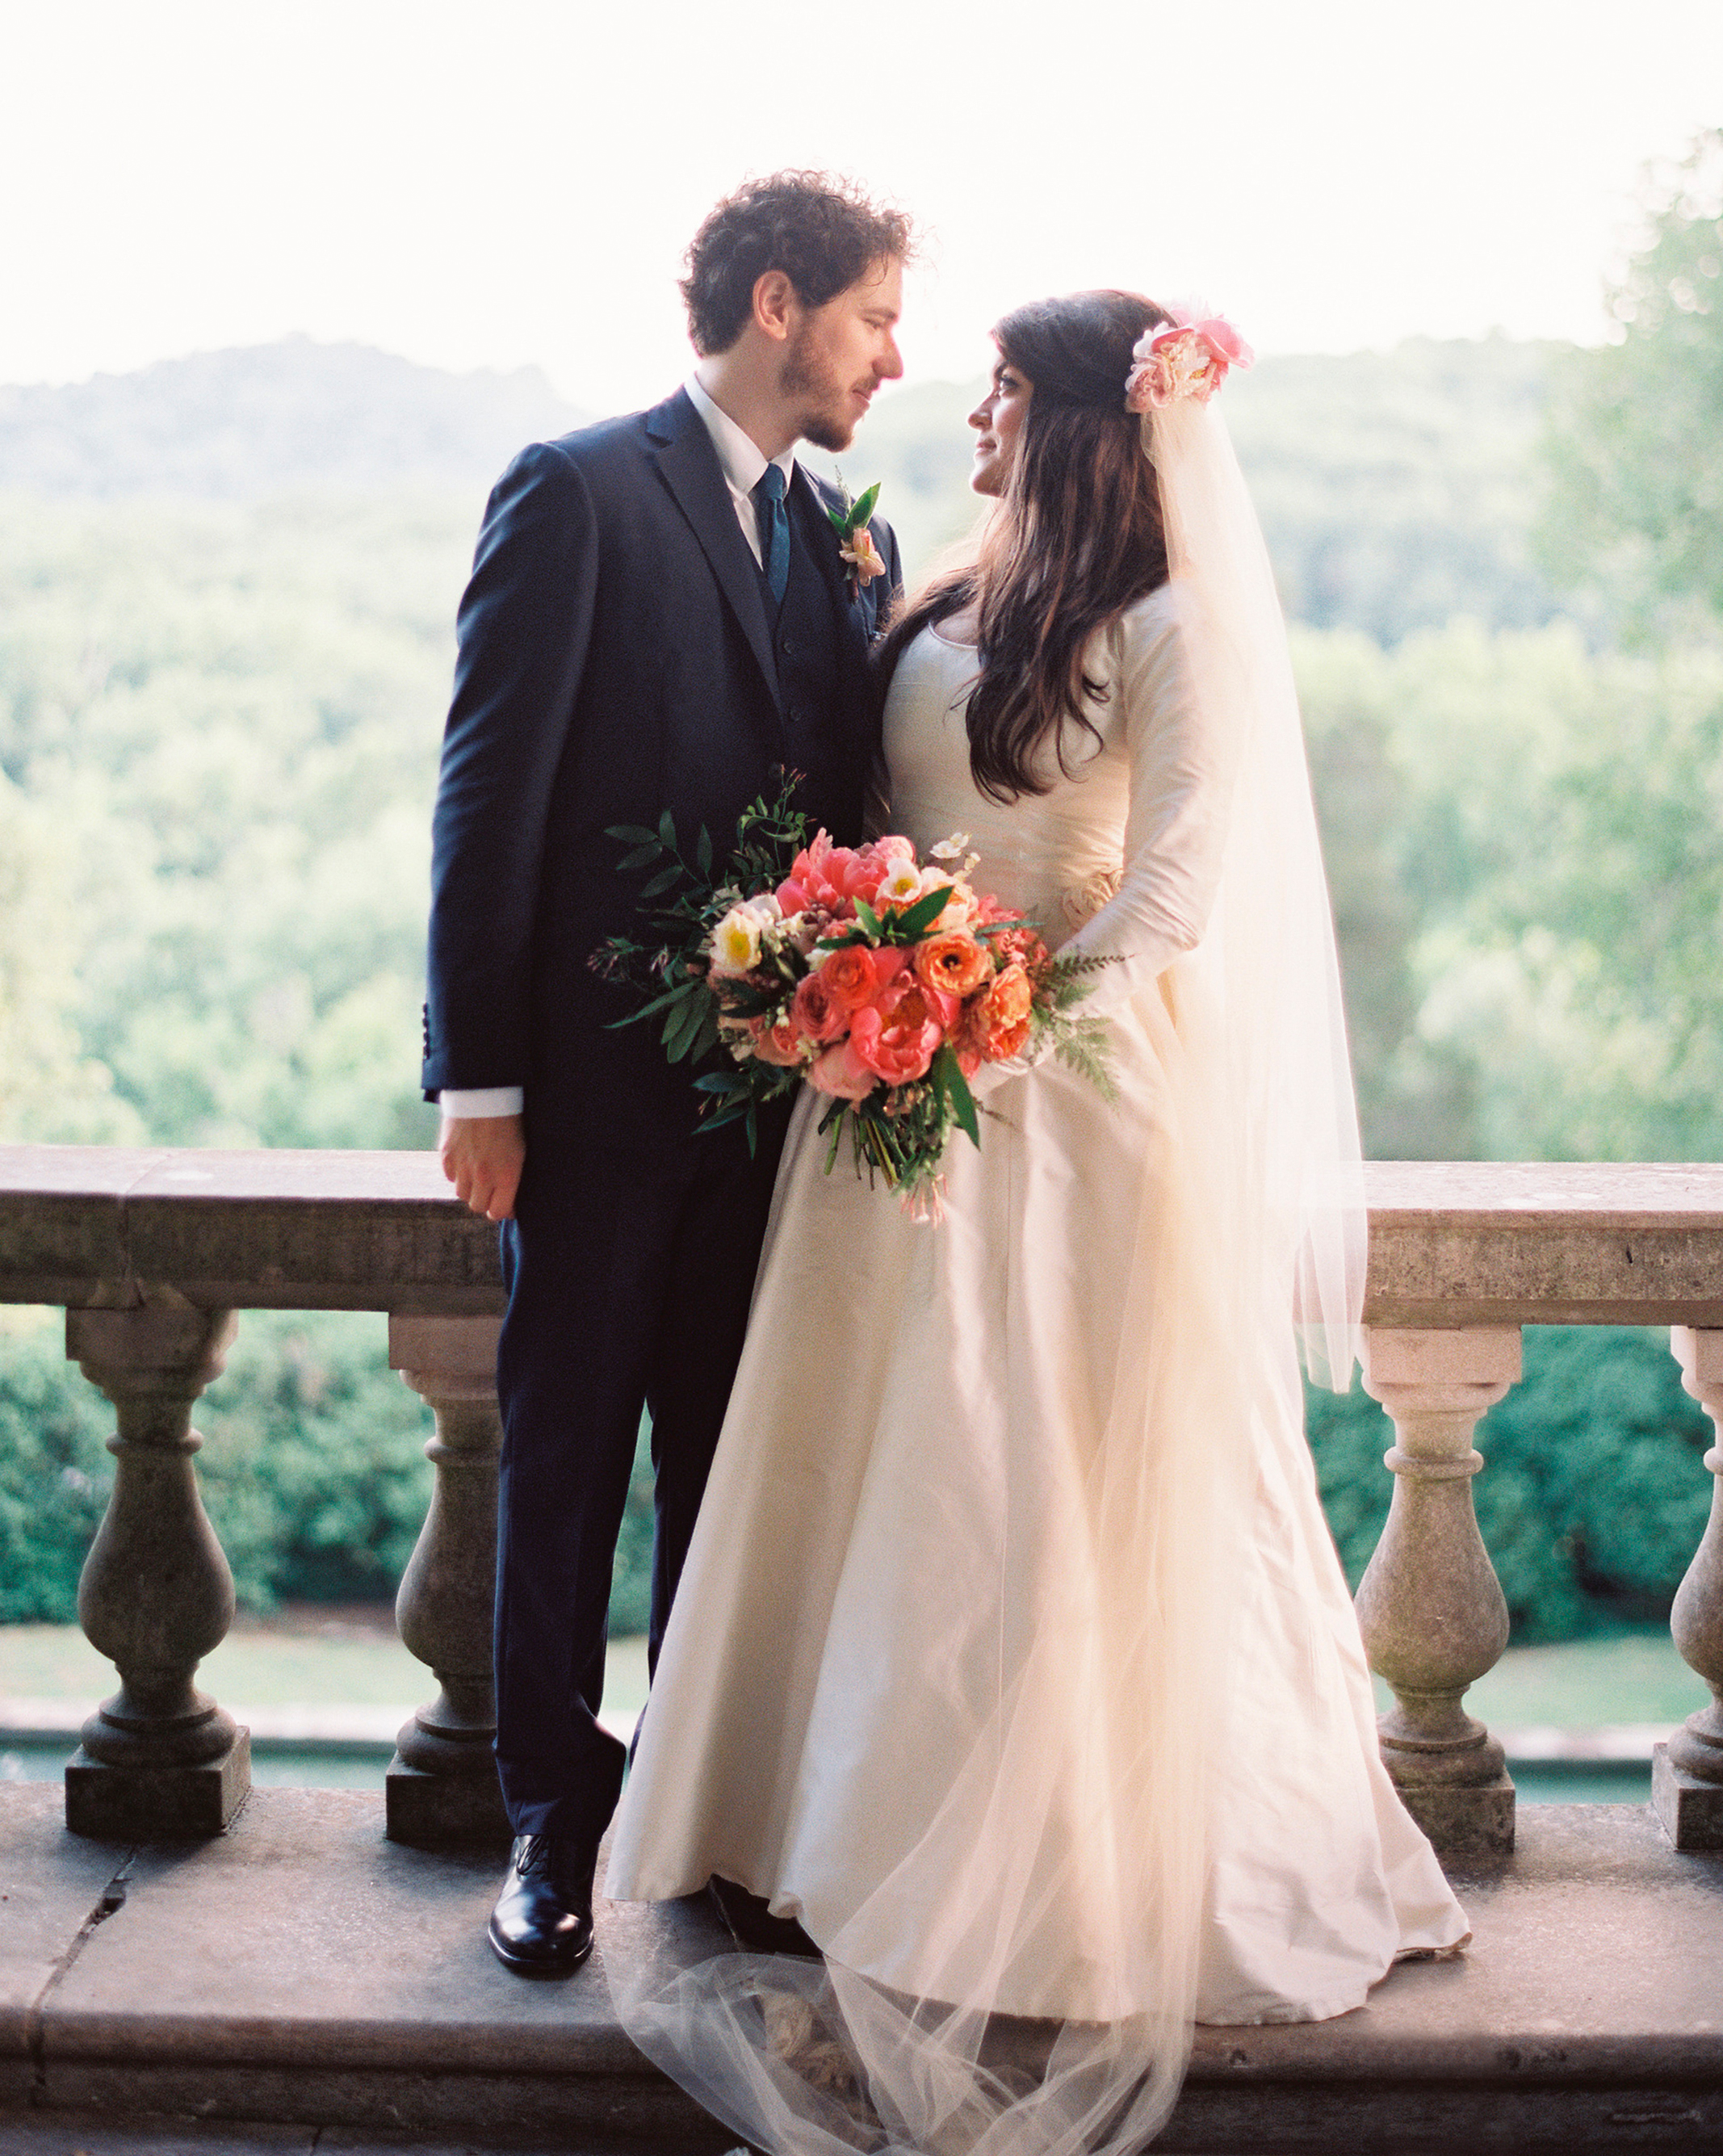 carrie-dan-bride-groom-007115-r1-014-s111627.jpg